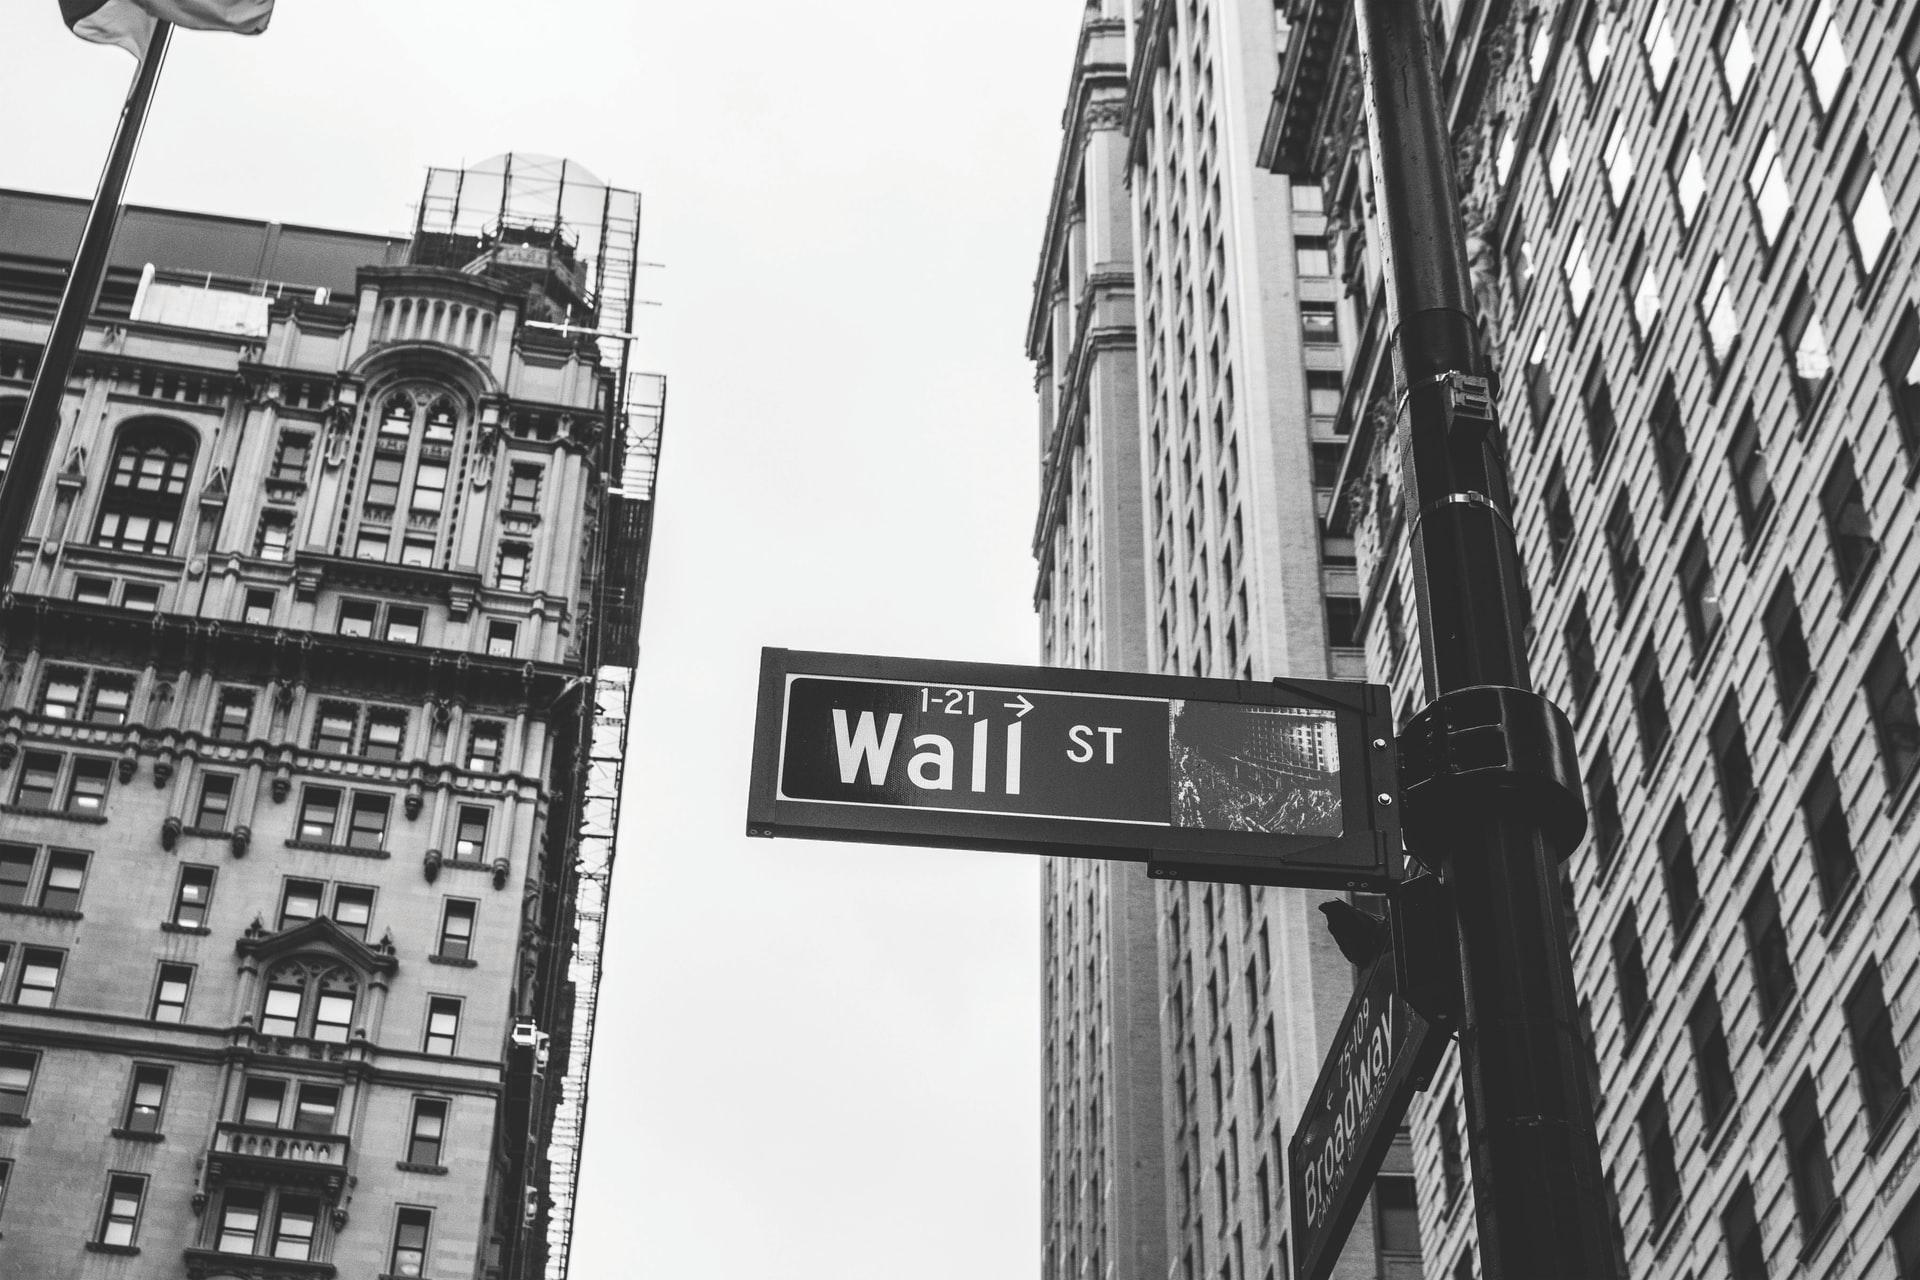 Яким чином Big Data змінює роботу сучасних банків